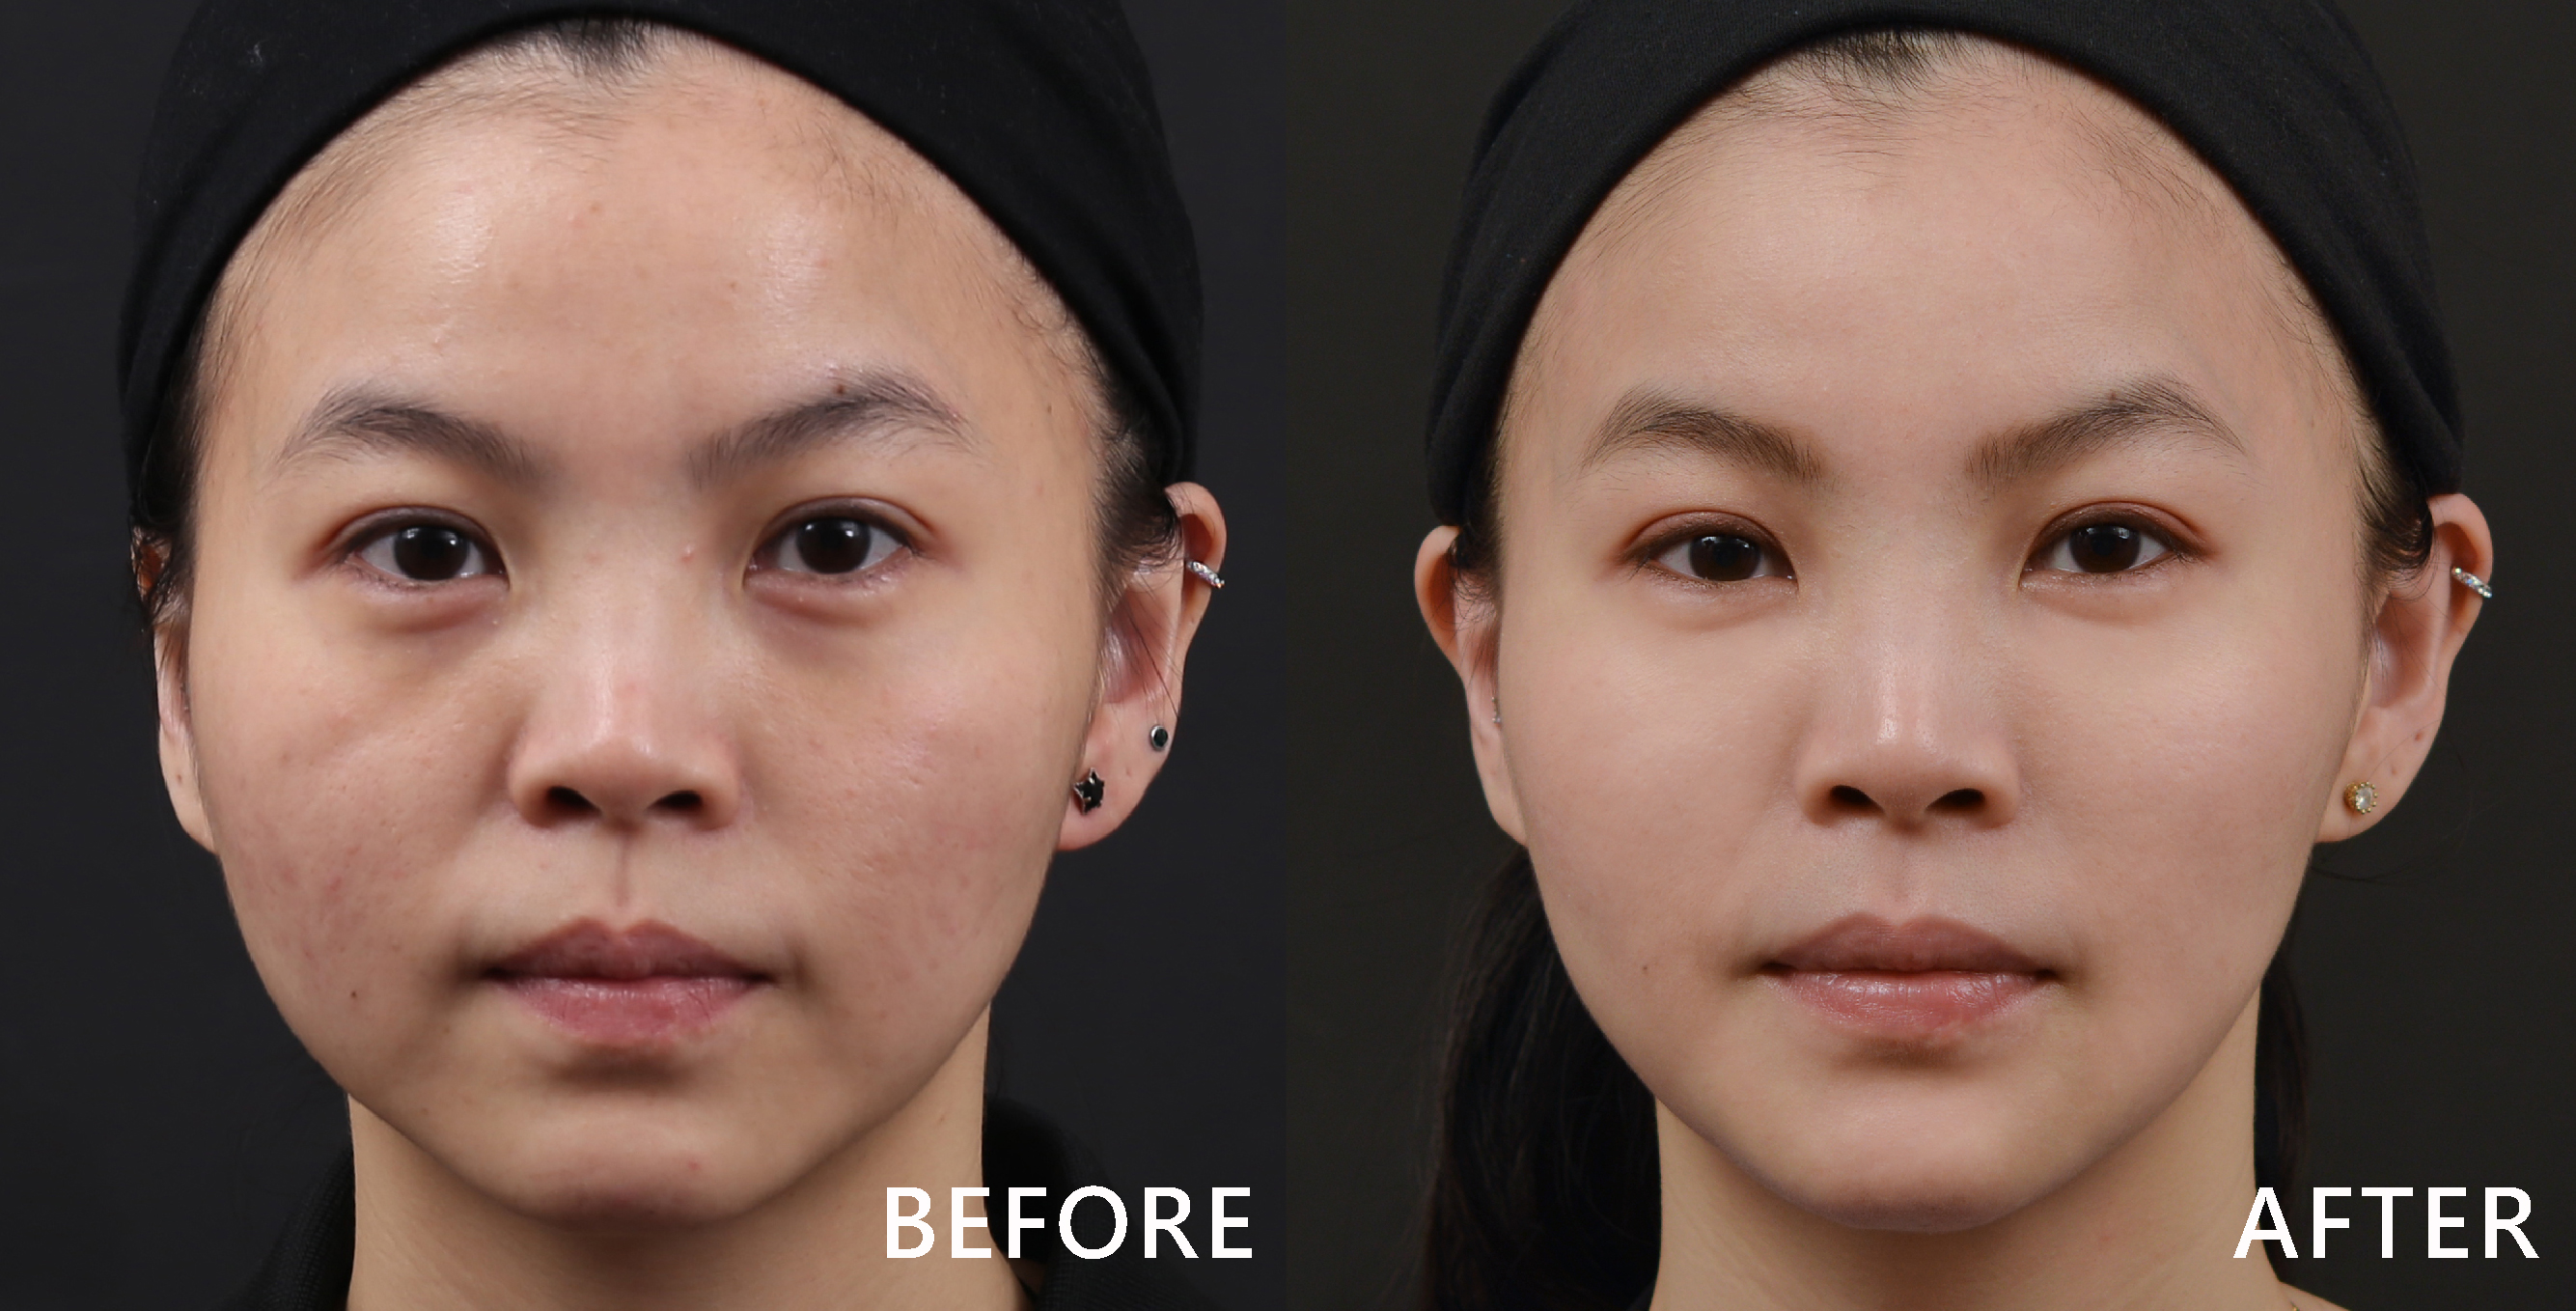 奇蹟電波-GRF之後,個案的淚溝、法令紋、木偶紋均得到改善,眼周細紋減少、膚況變好了、臉部有拉提的效果,下巴的弧度也變美了。(實際效果因個案而異)